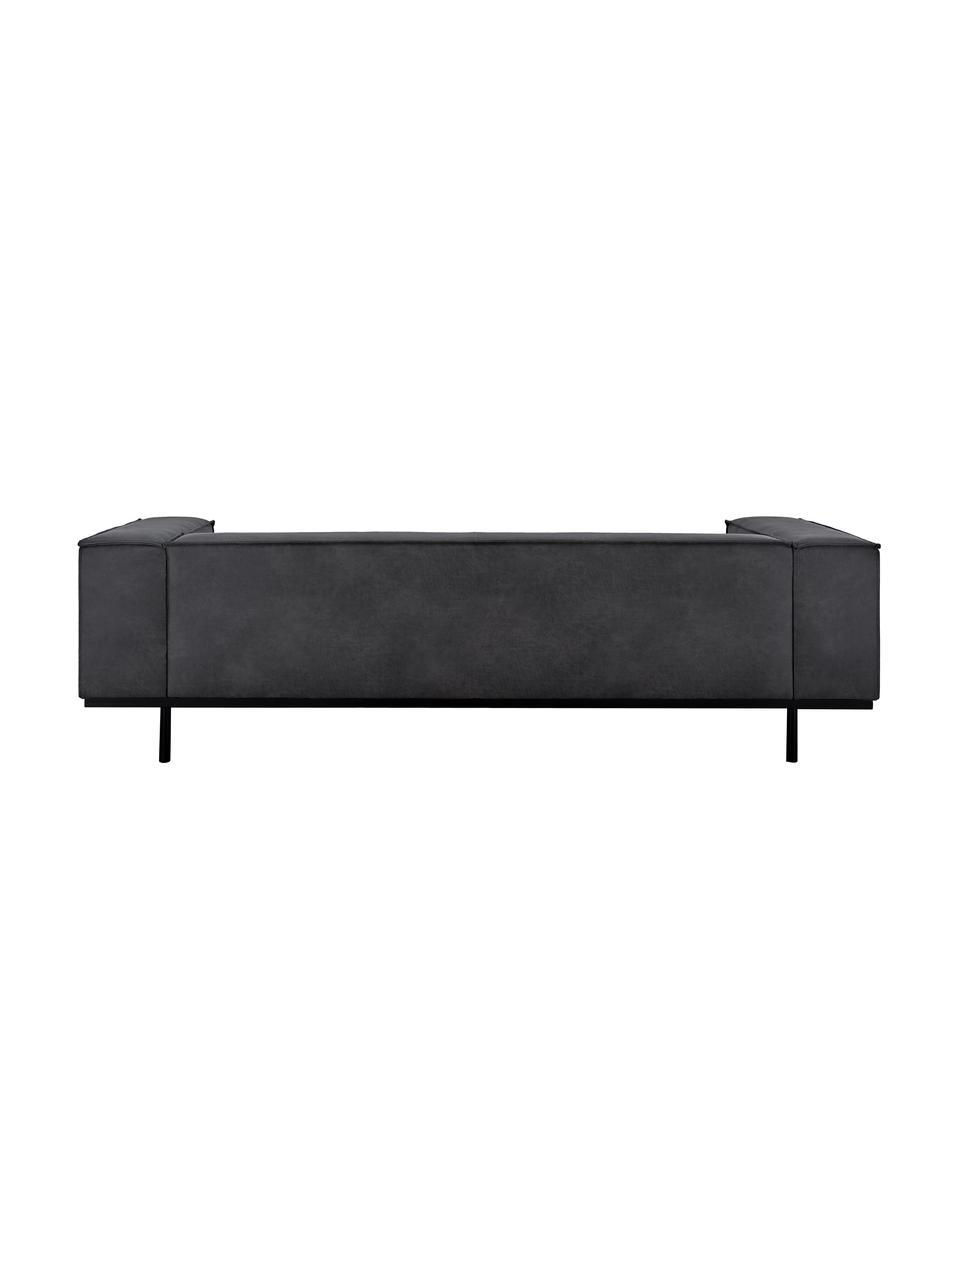 Sofa ze skóry z metalowymi nogami Abigail (3-osobowa), Tapicerka: skóra naturalna (70% skór, Nogi: stal lakierowana, Ciemny szary, S 230 x G 95 cm